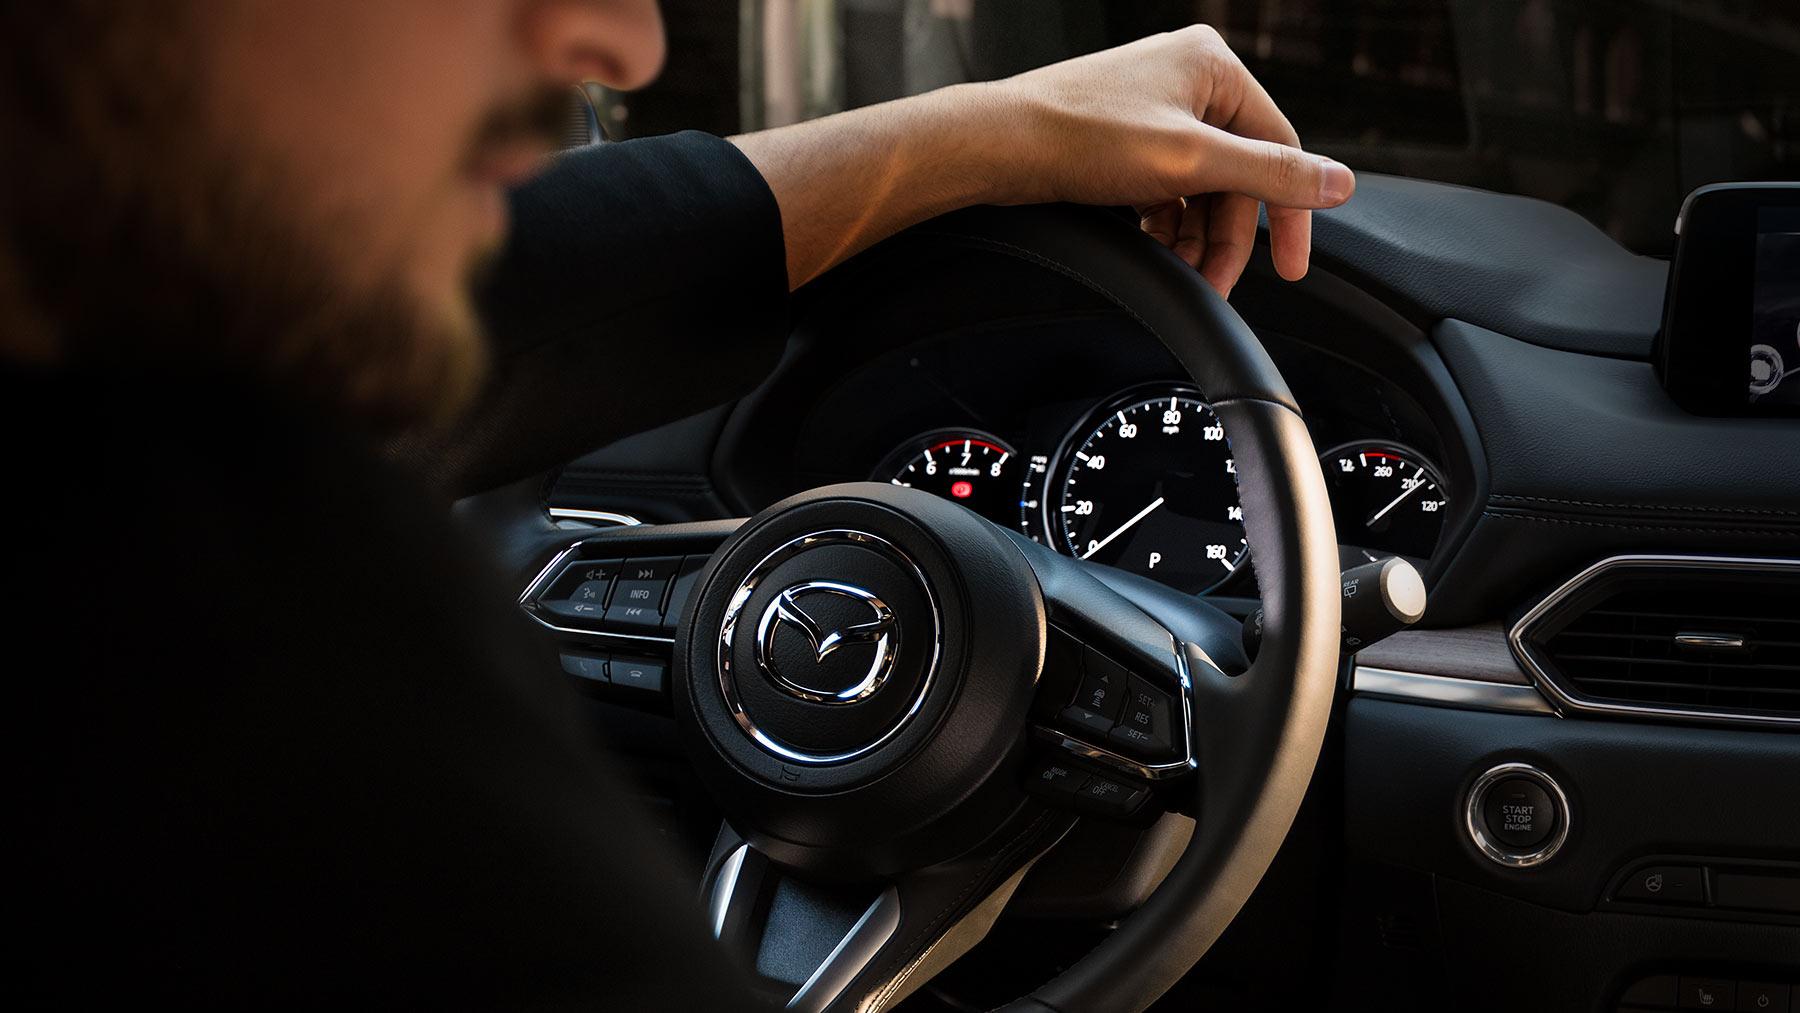 2019 Mazda CX-5 Driver Console